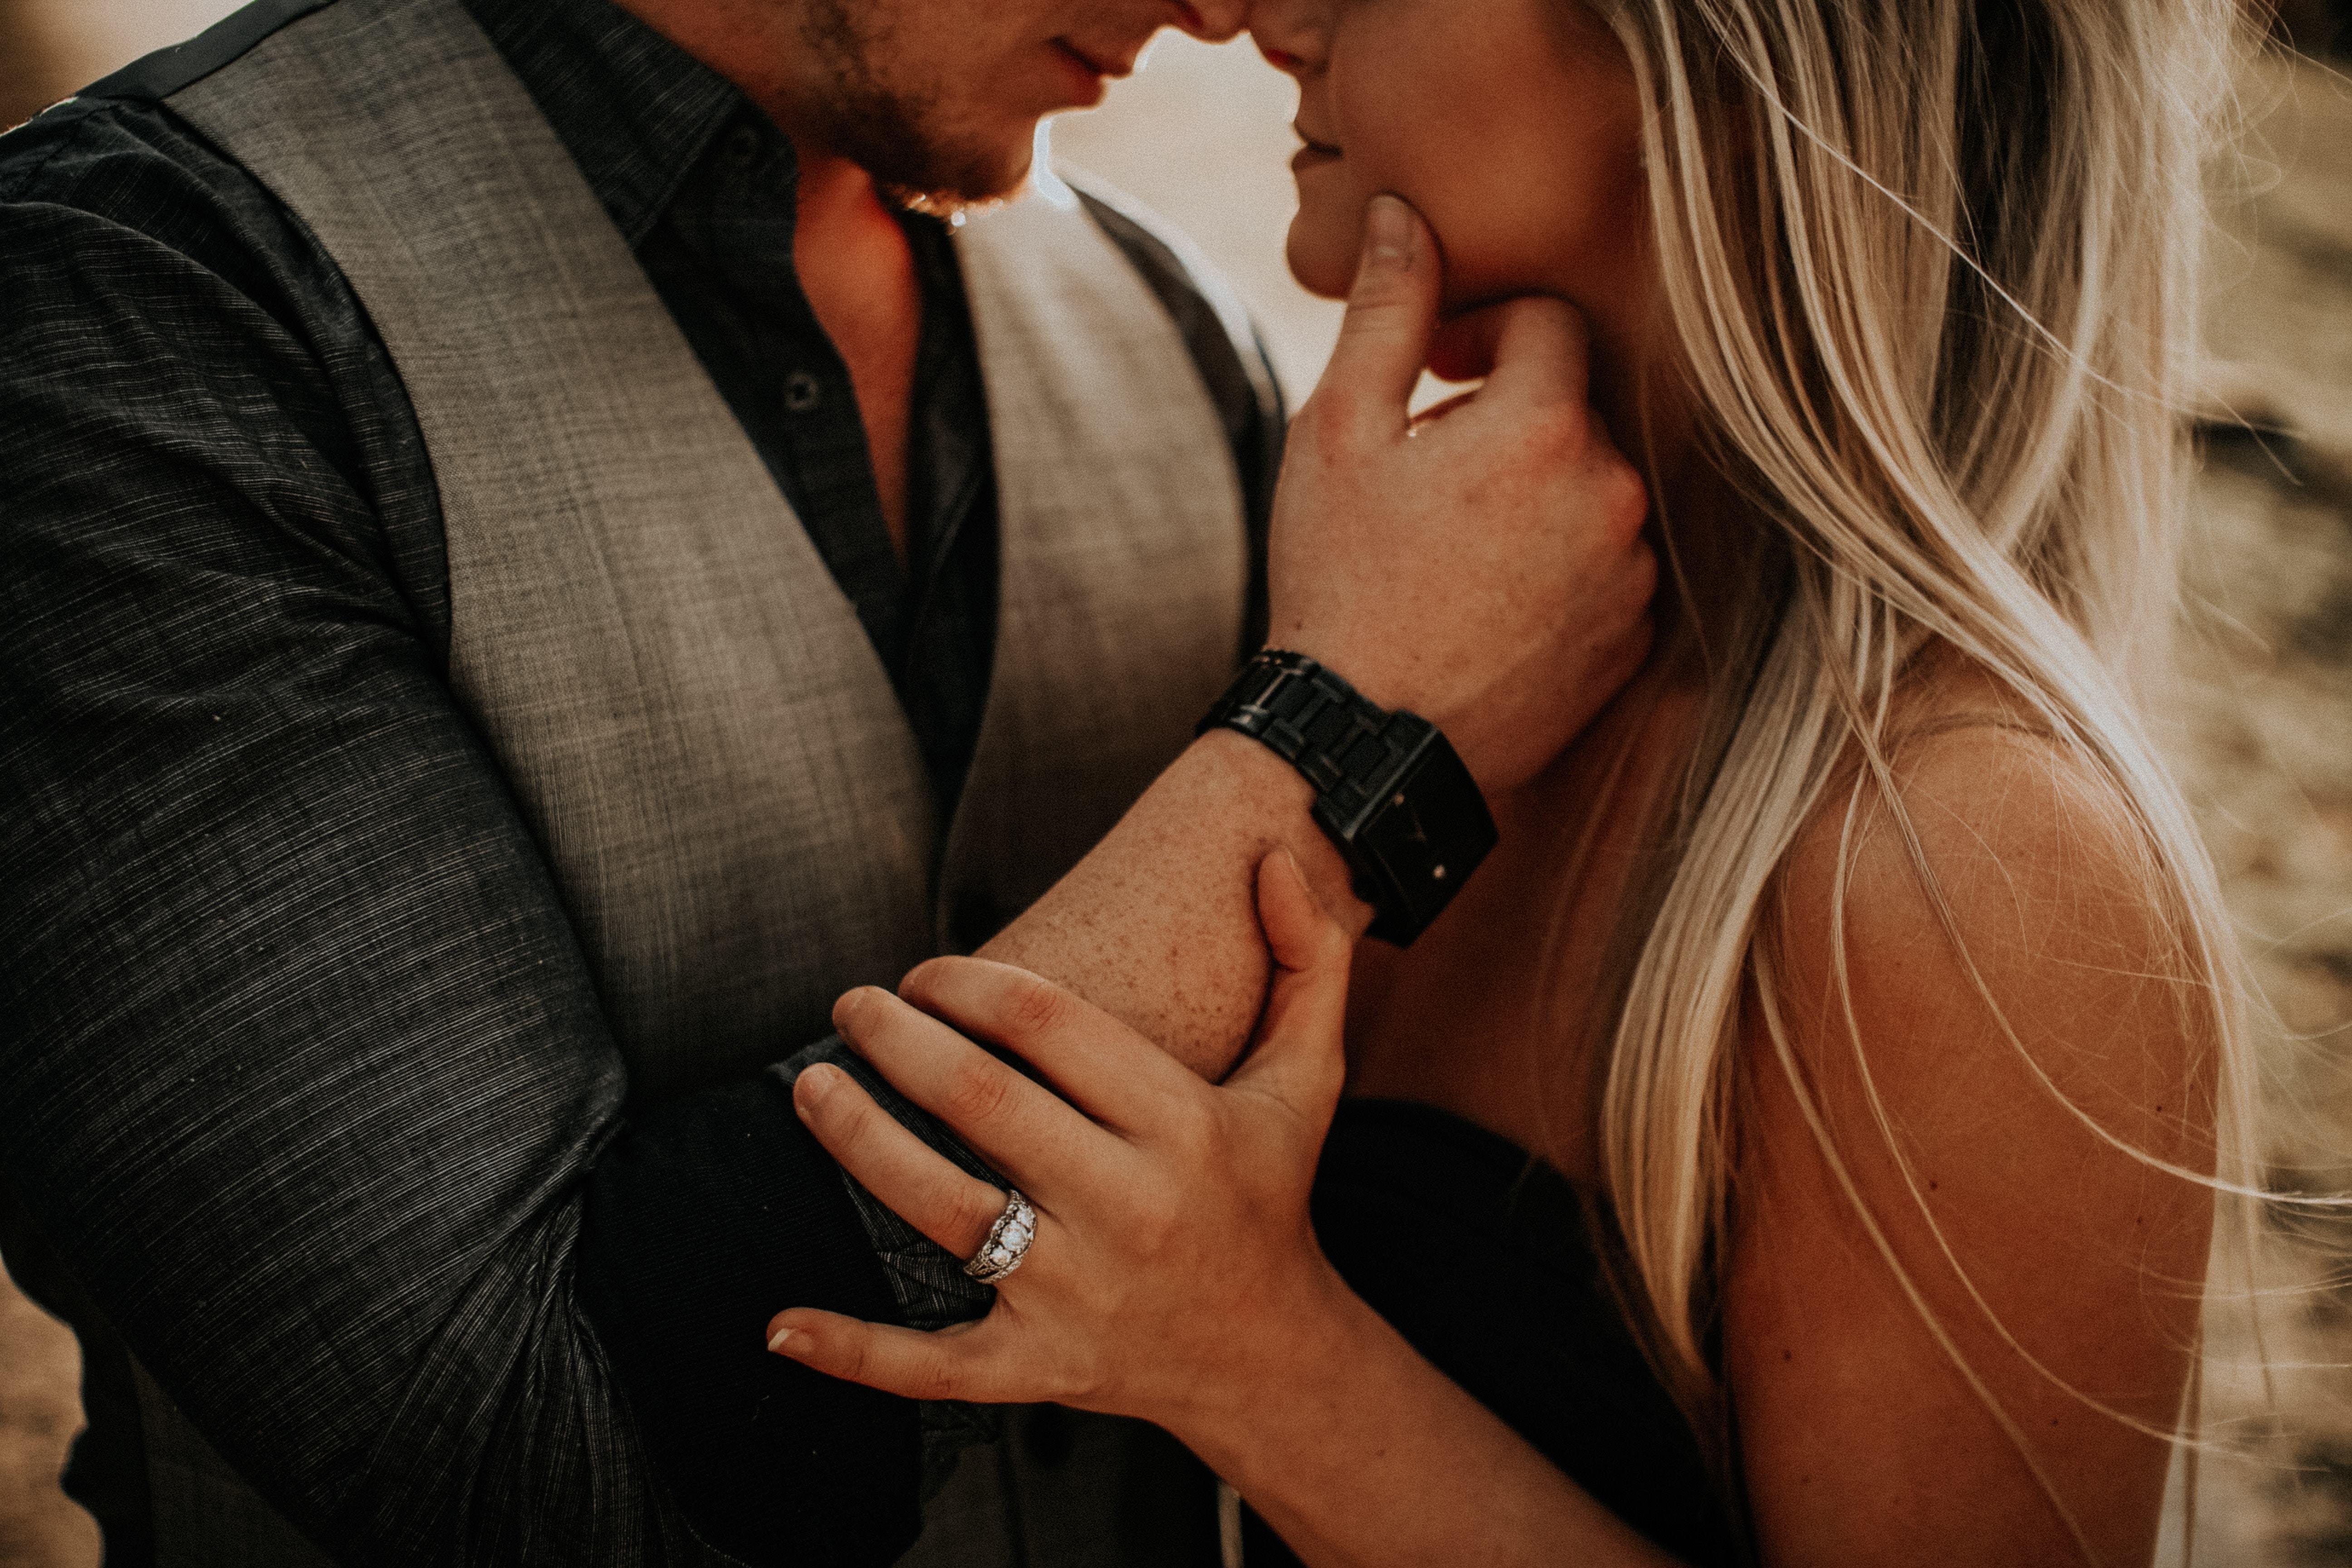 Mensagem de amor e amizade - Amor não é só beijo e amasso!